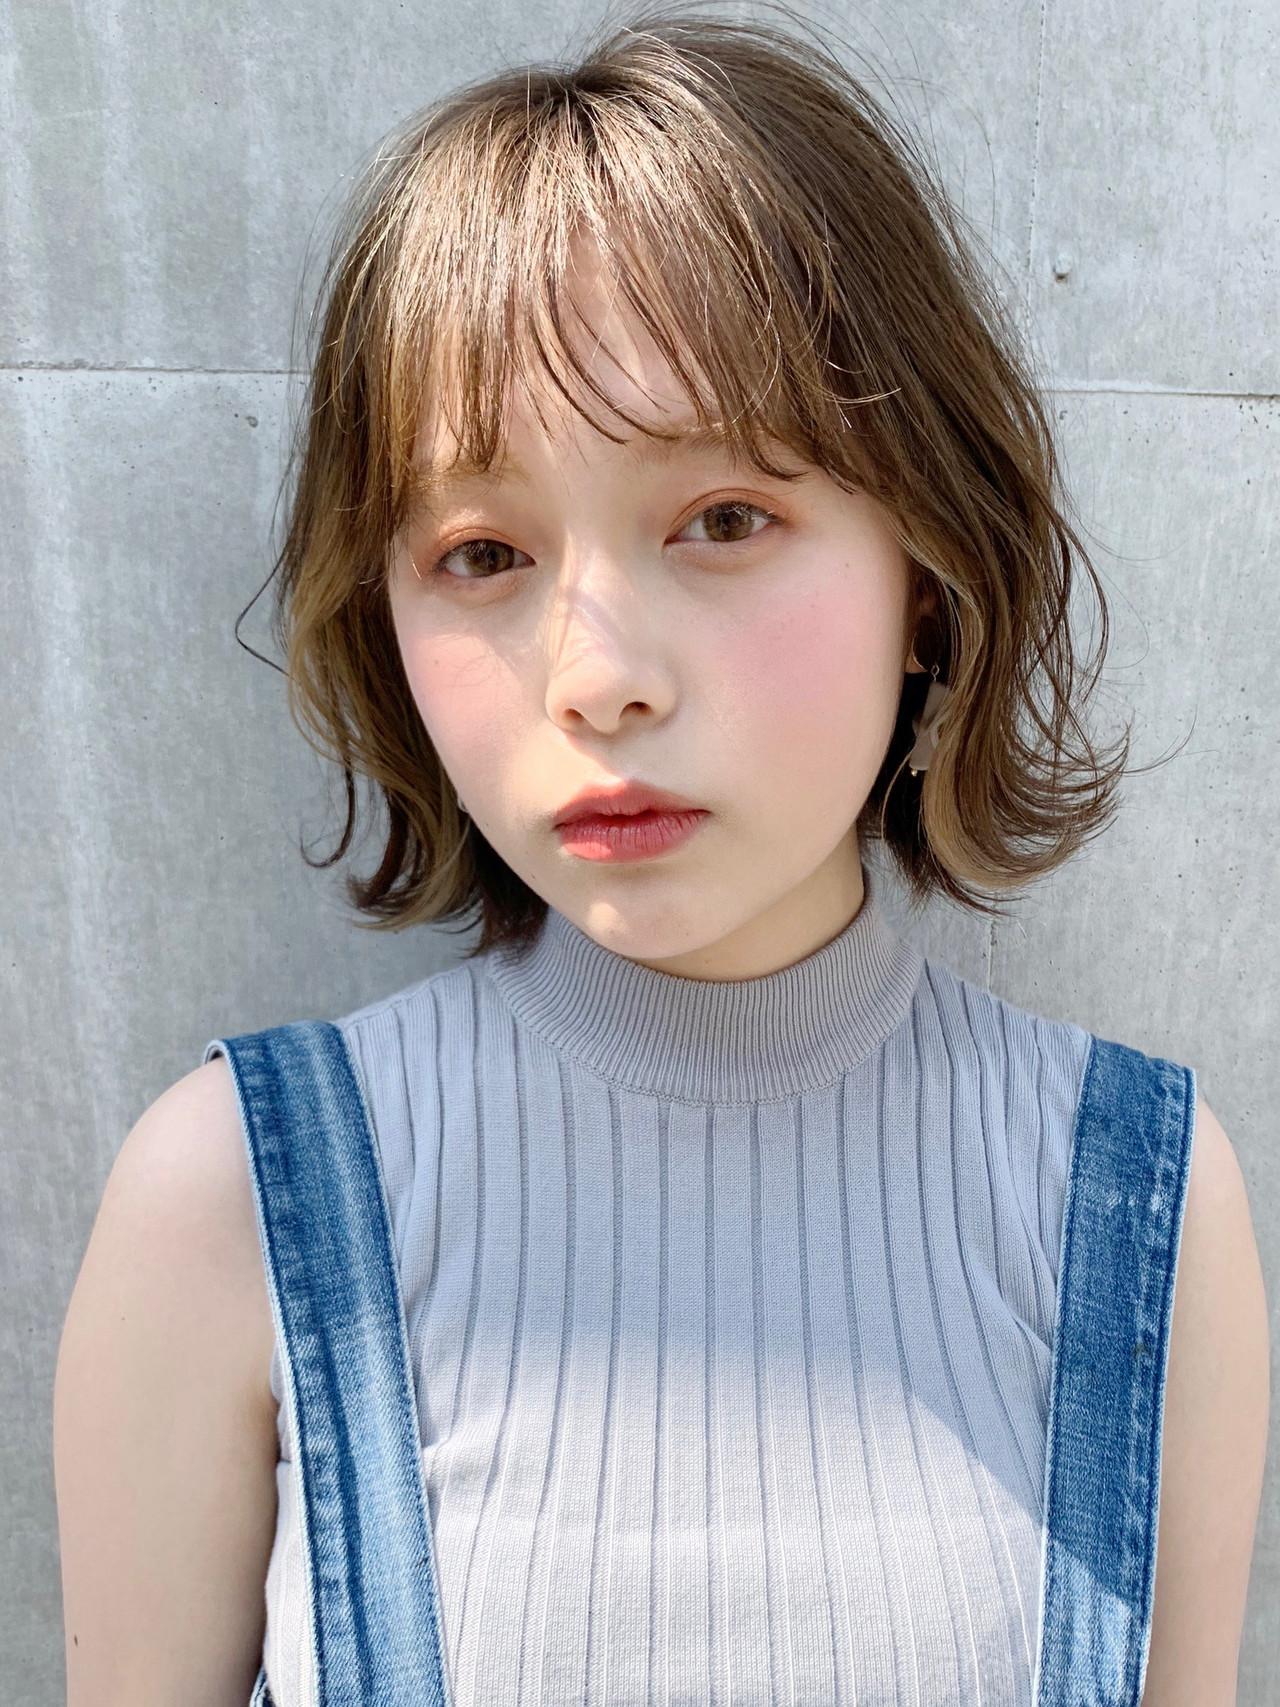 ミニボブ ショートボブ ボブ インナーカラー ヘアスタイルや髪型の写真・画像 | Natsuko Kodama 児玉奈都子 / dydi